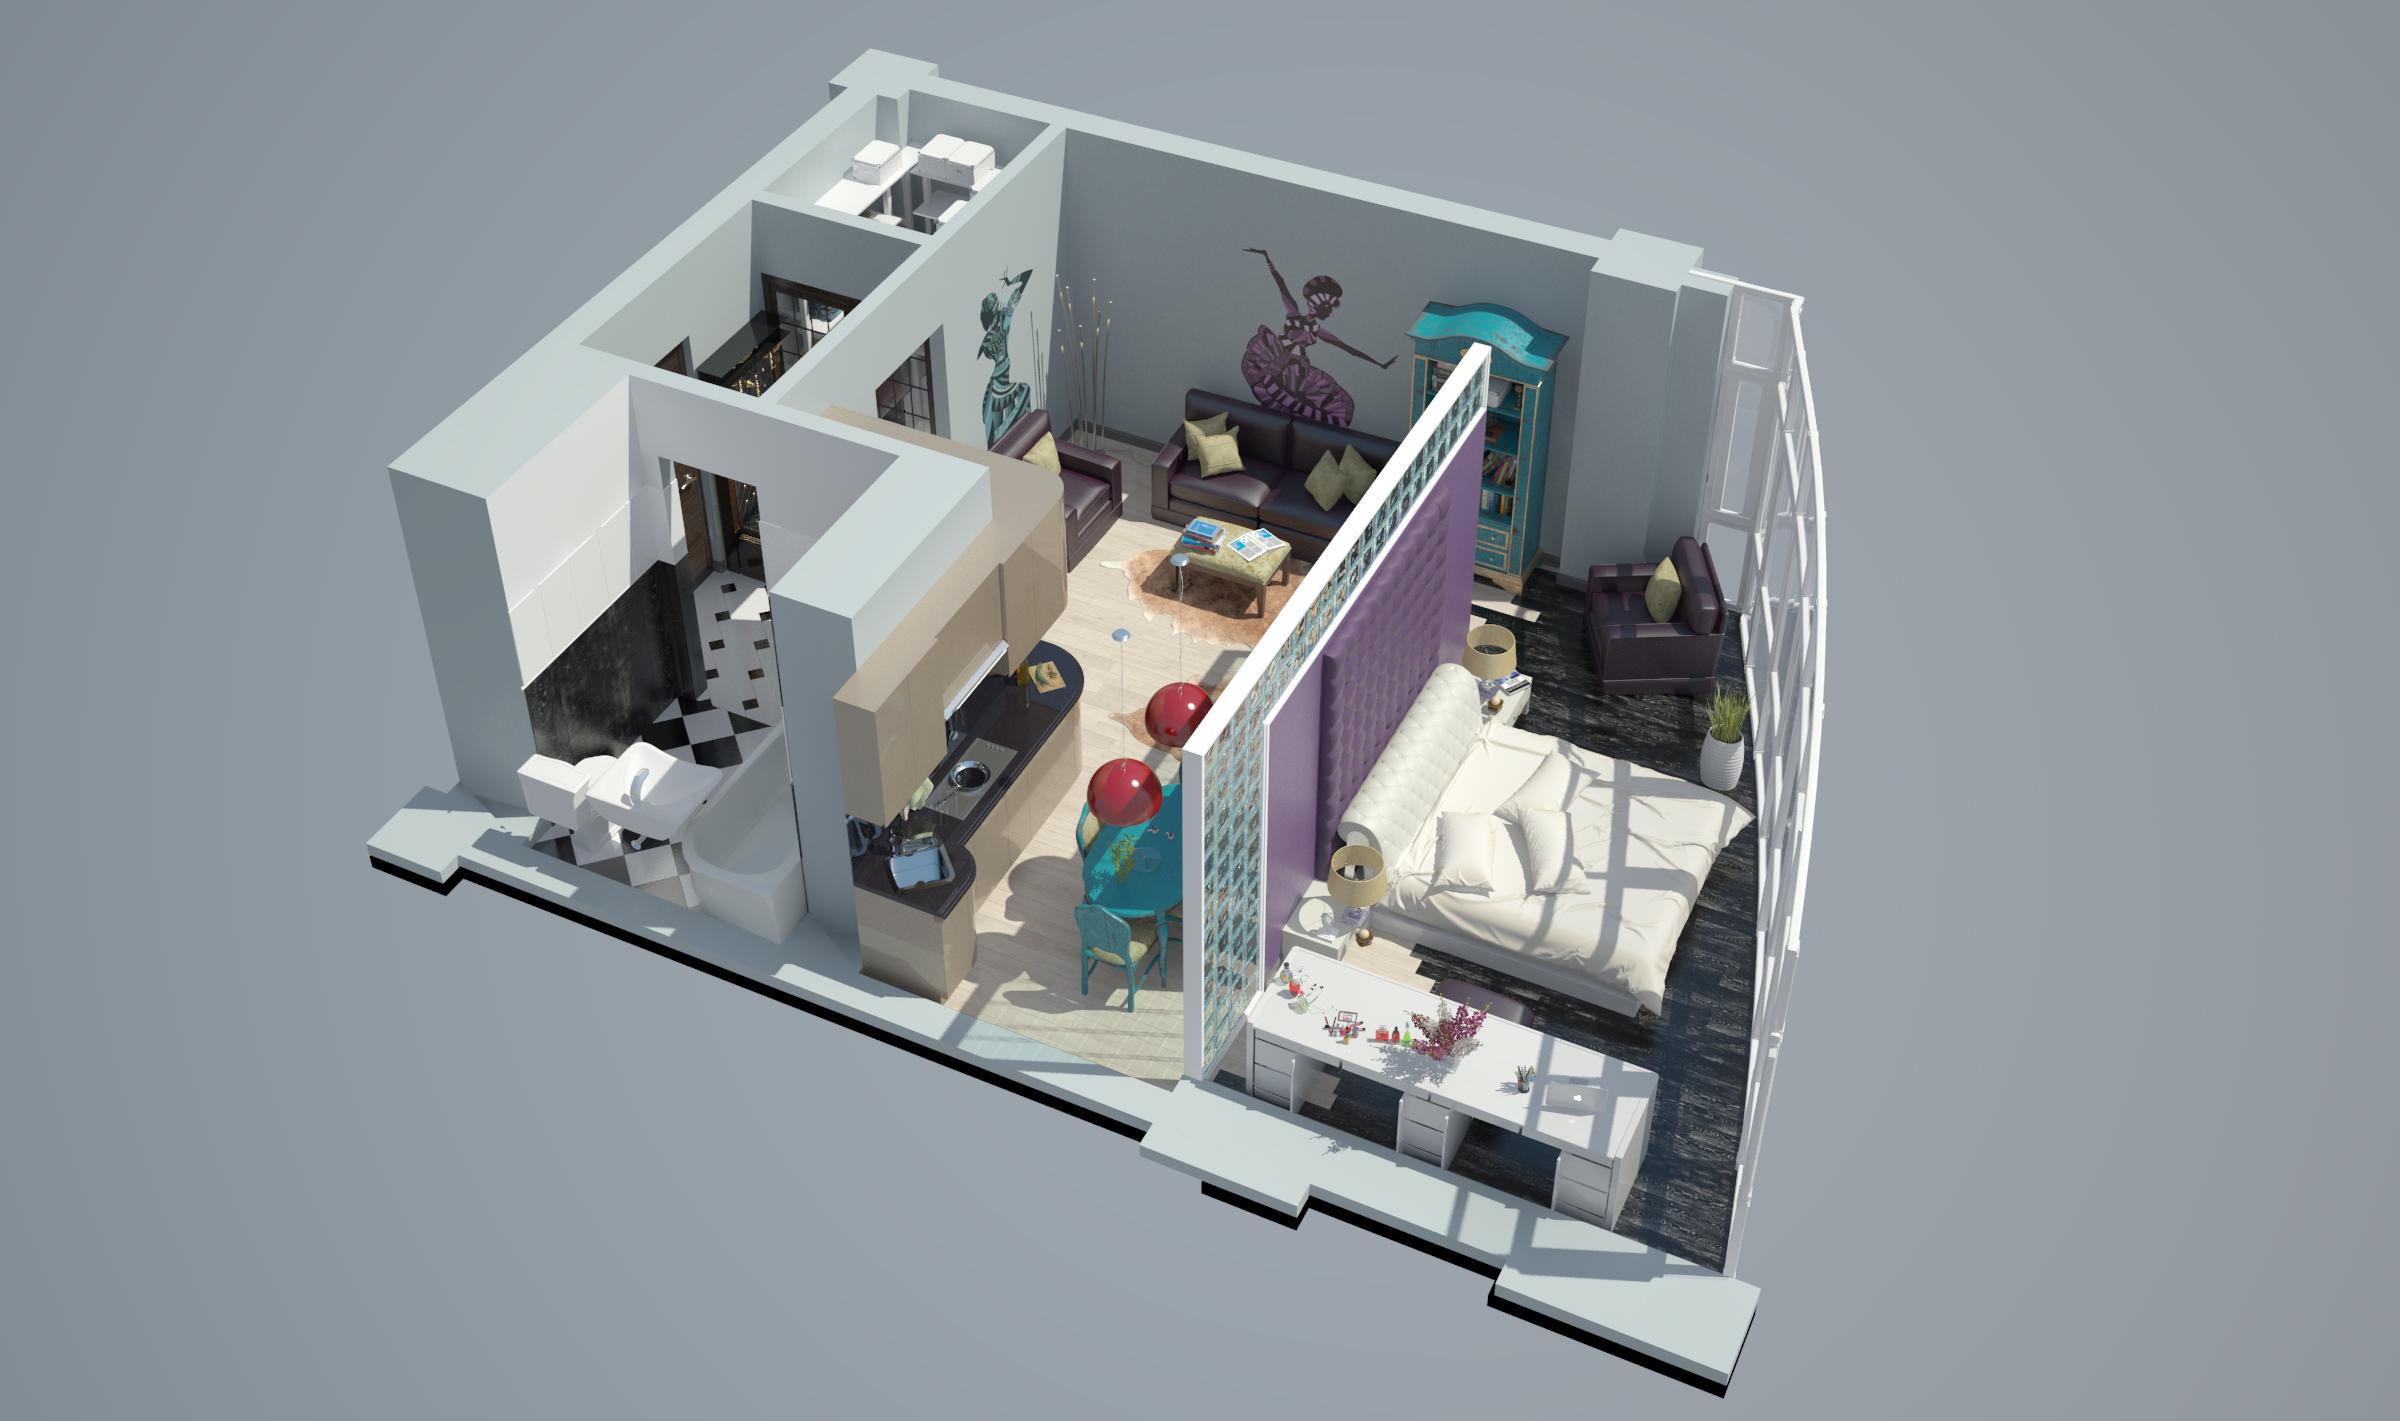 Однокомнатная квартира в новостройке общий вид